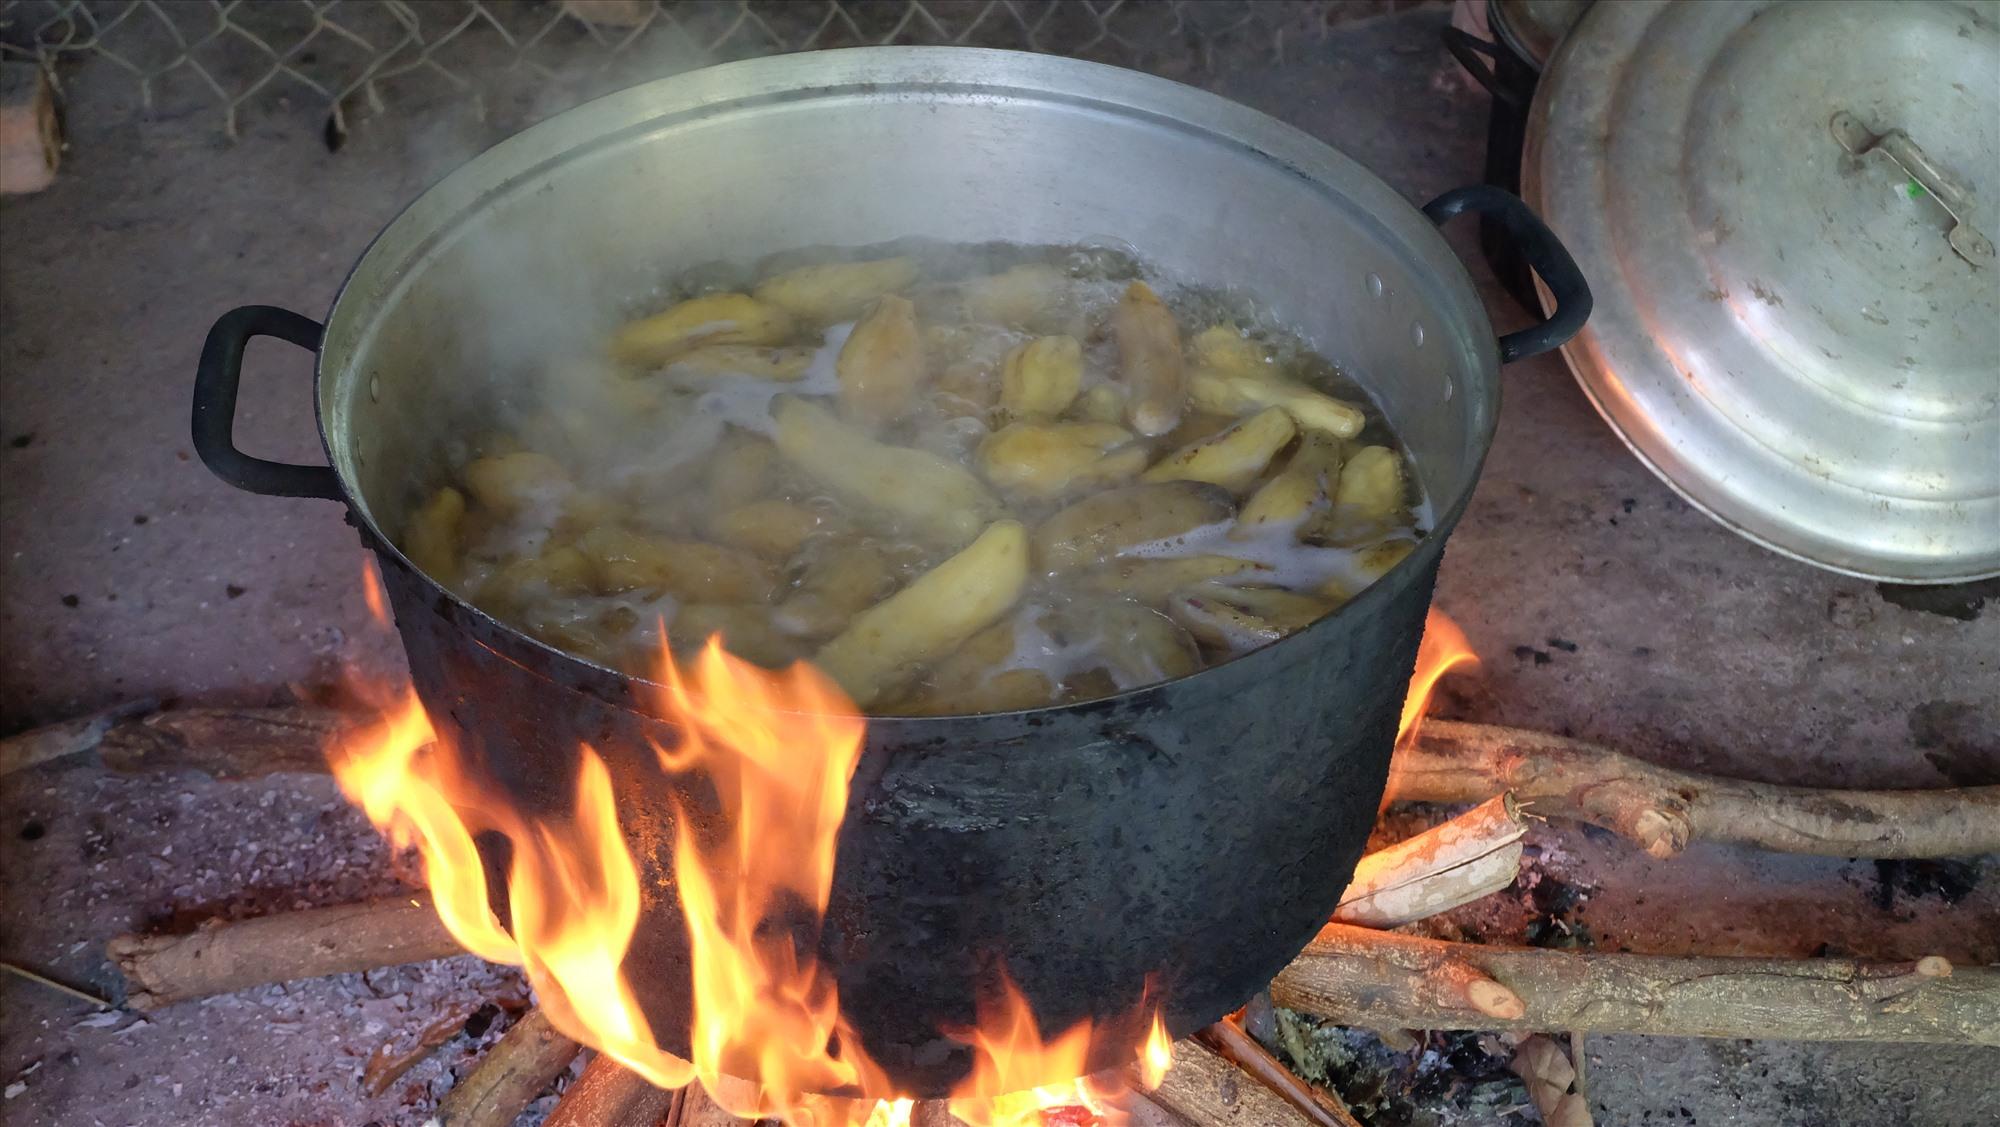 Khoai lang phải được chọn lựa kỹ càng, nấu trên lửa thật to thì mới chín đều. Ảnh: M.L